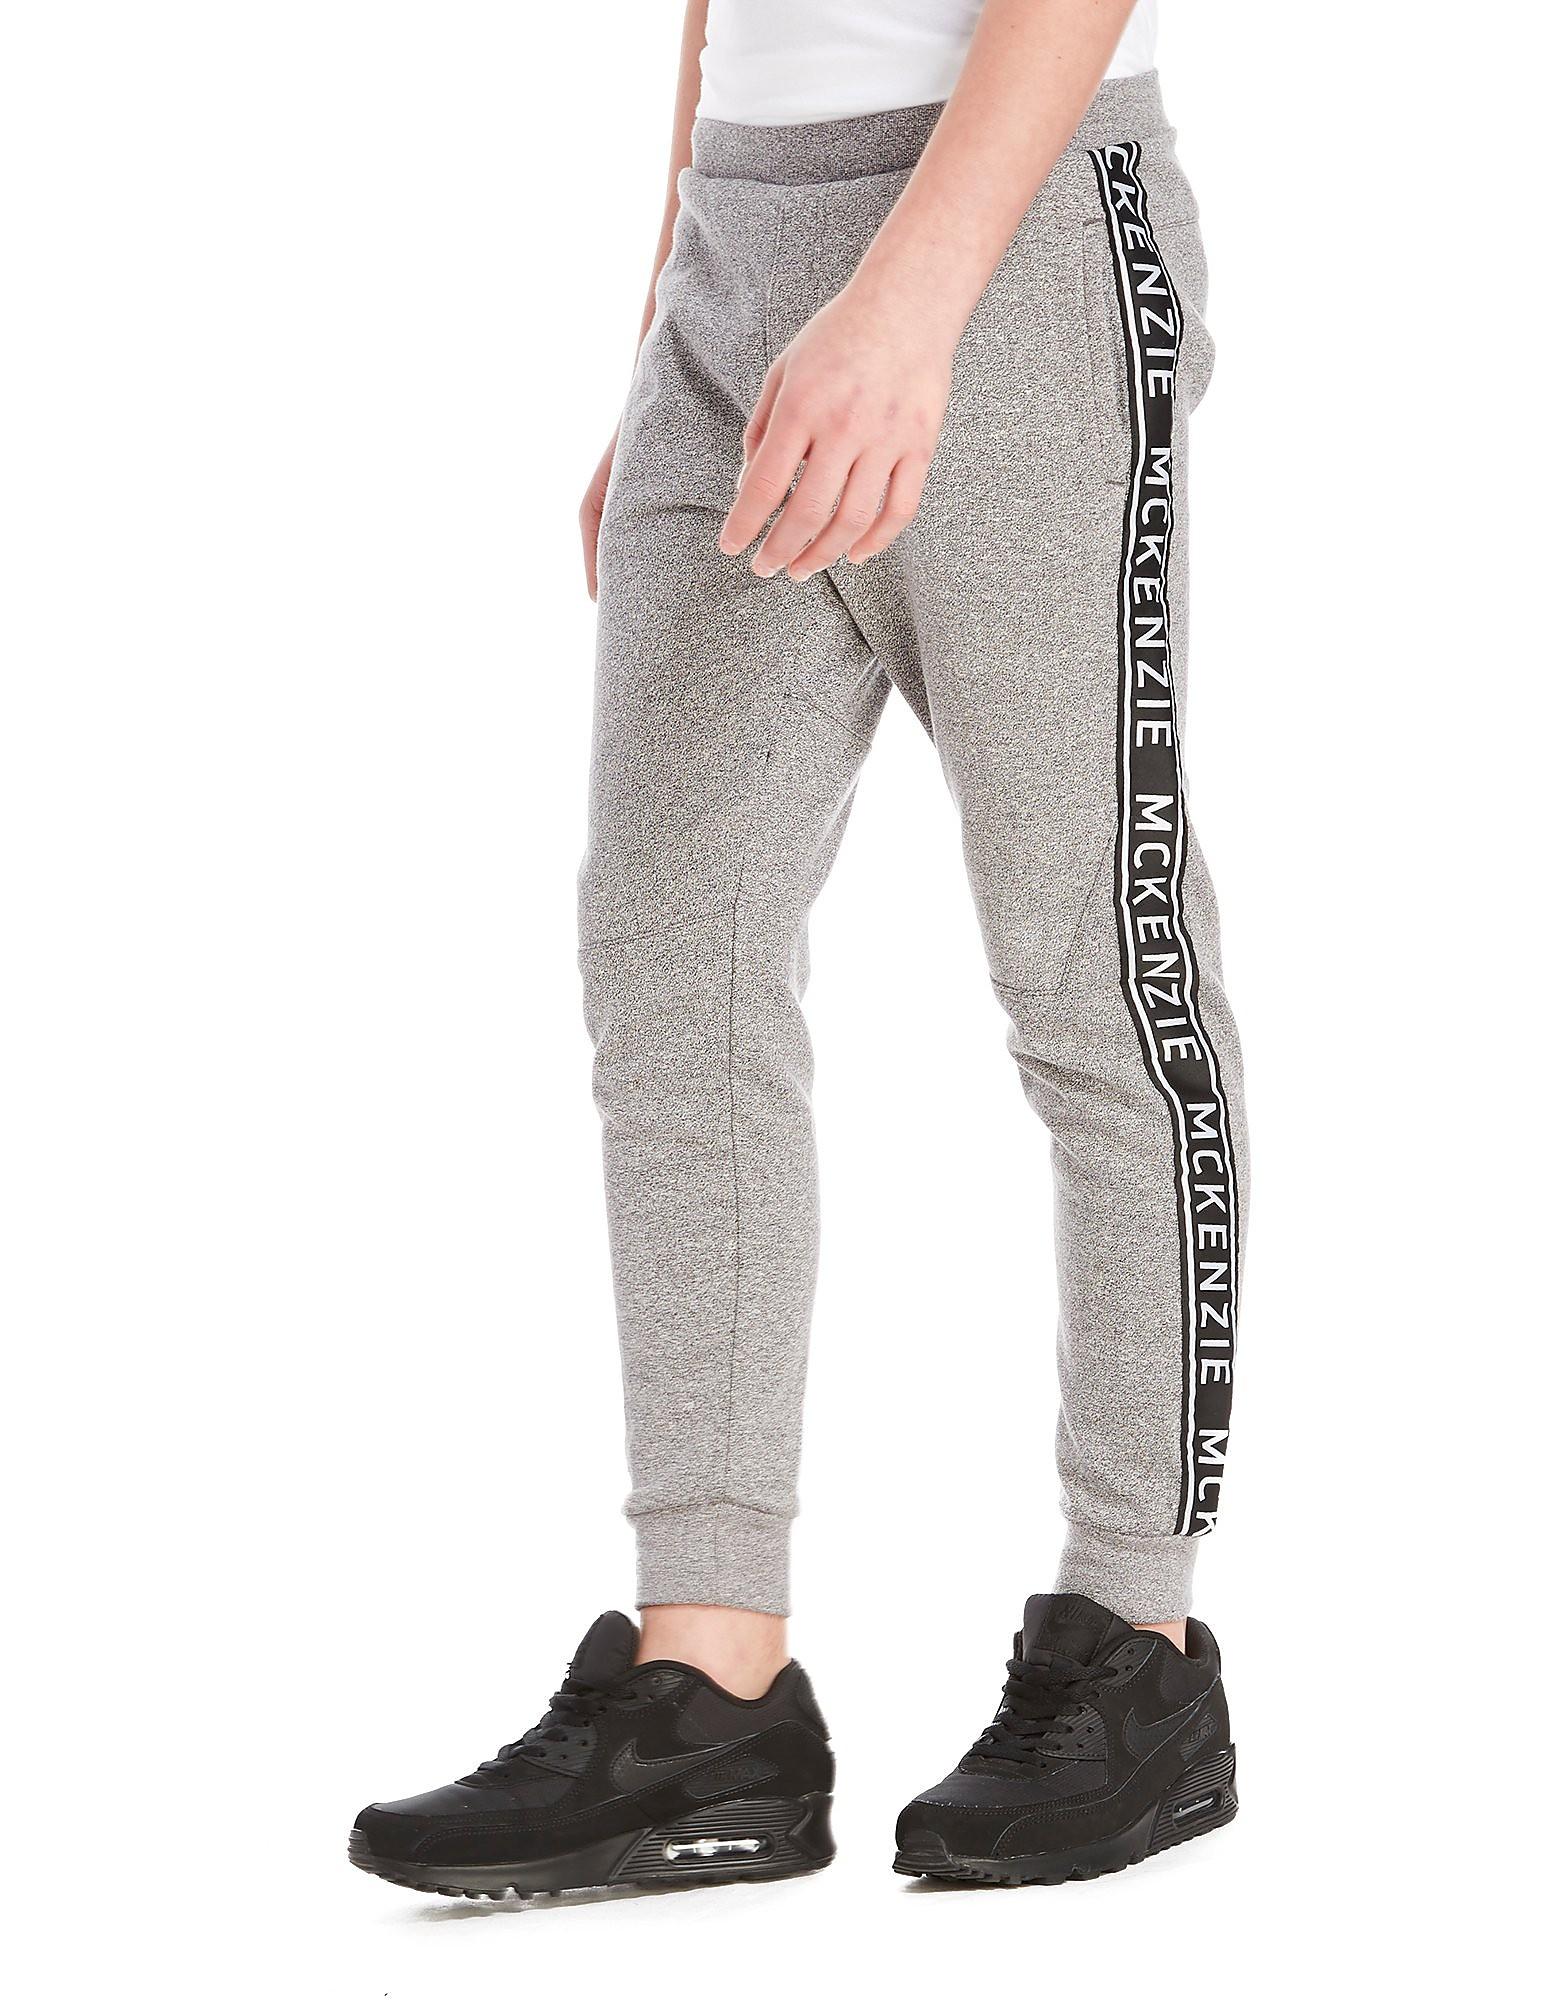 McKenzie pantalón de chándal Bensen Fleece júnior